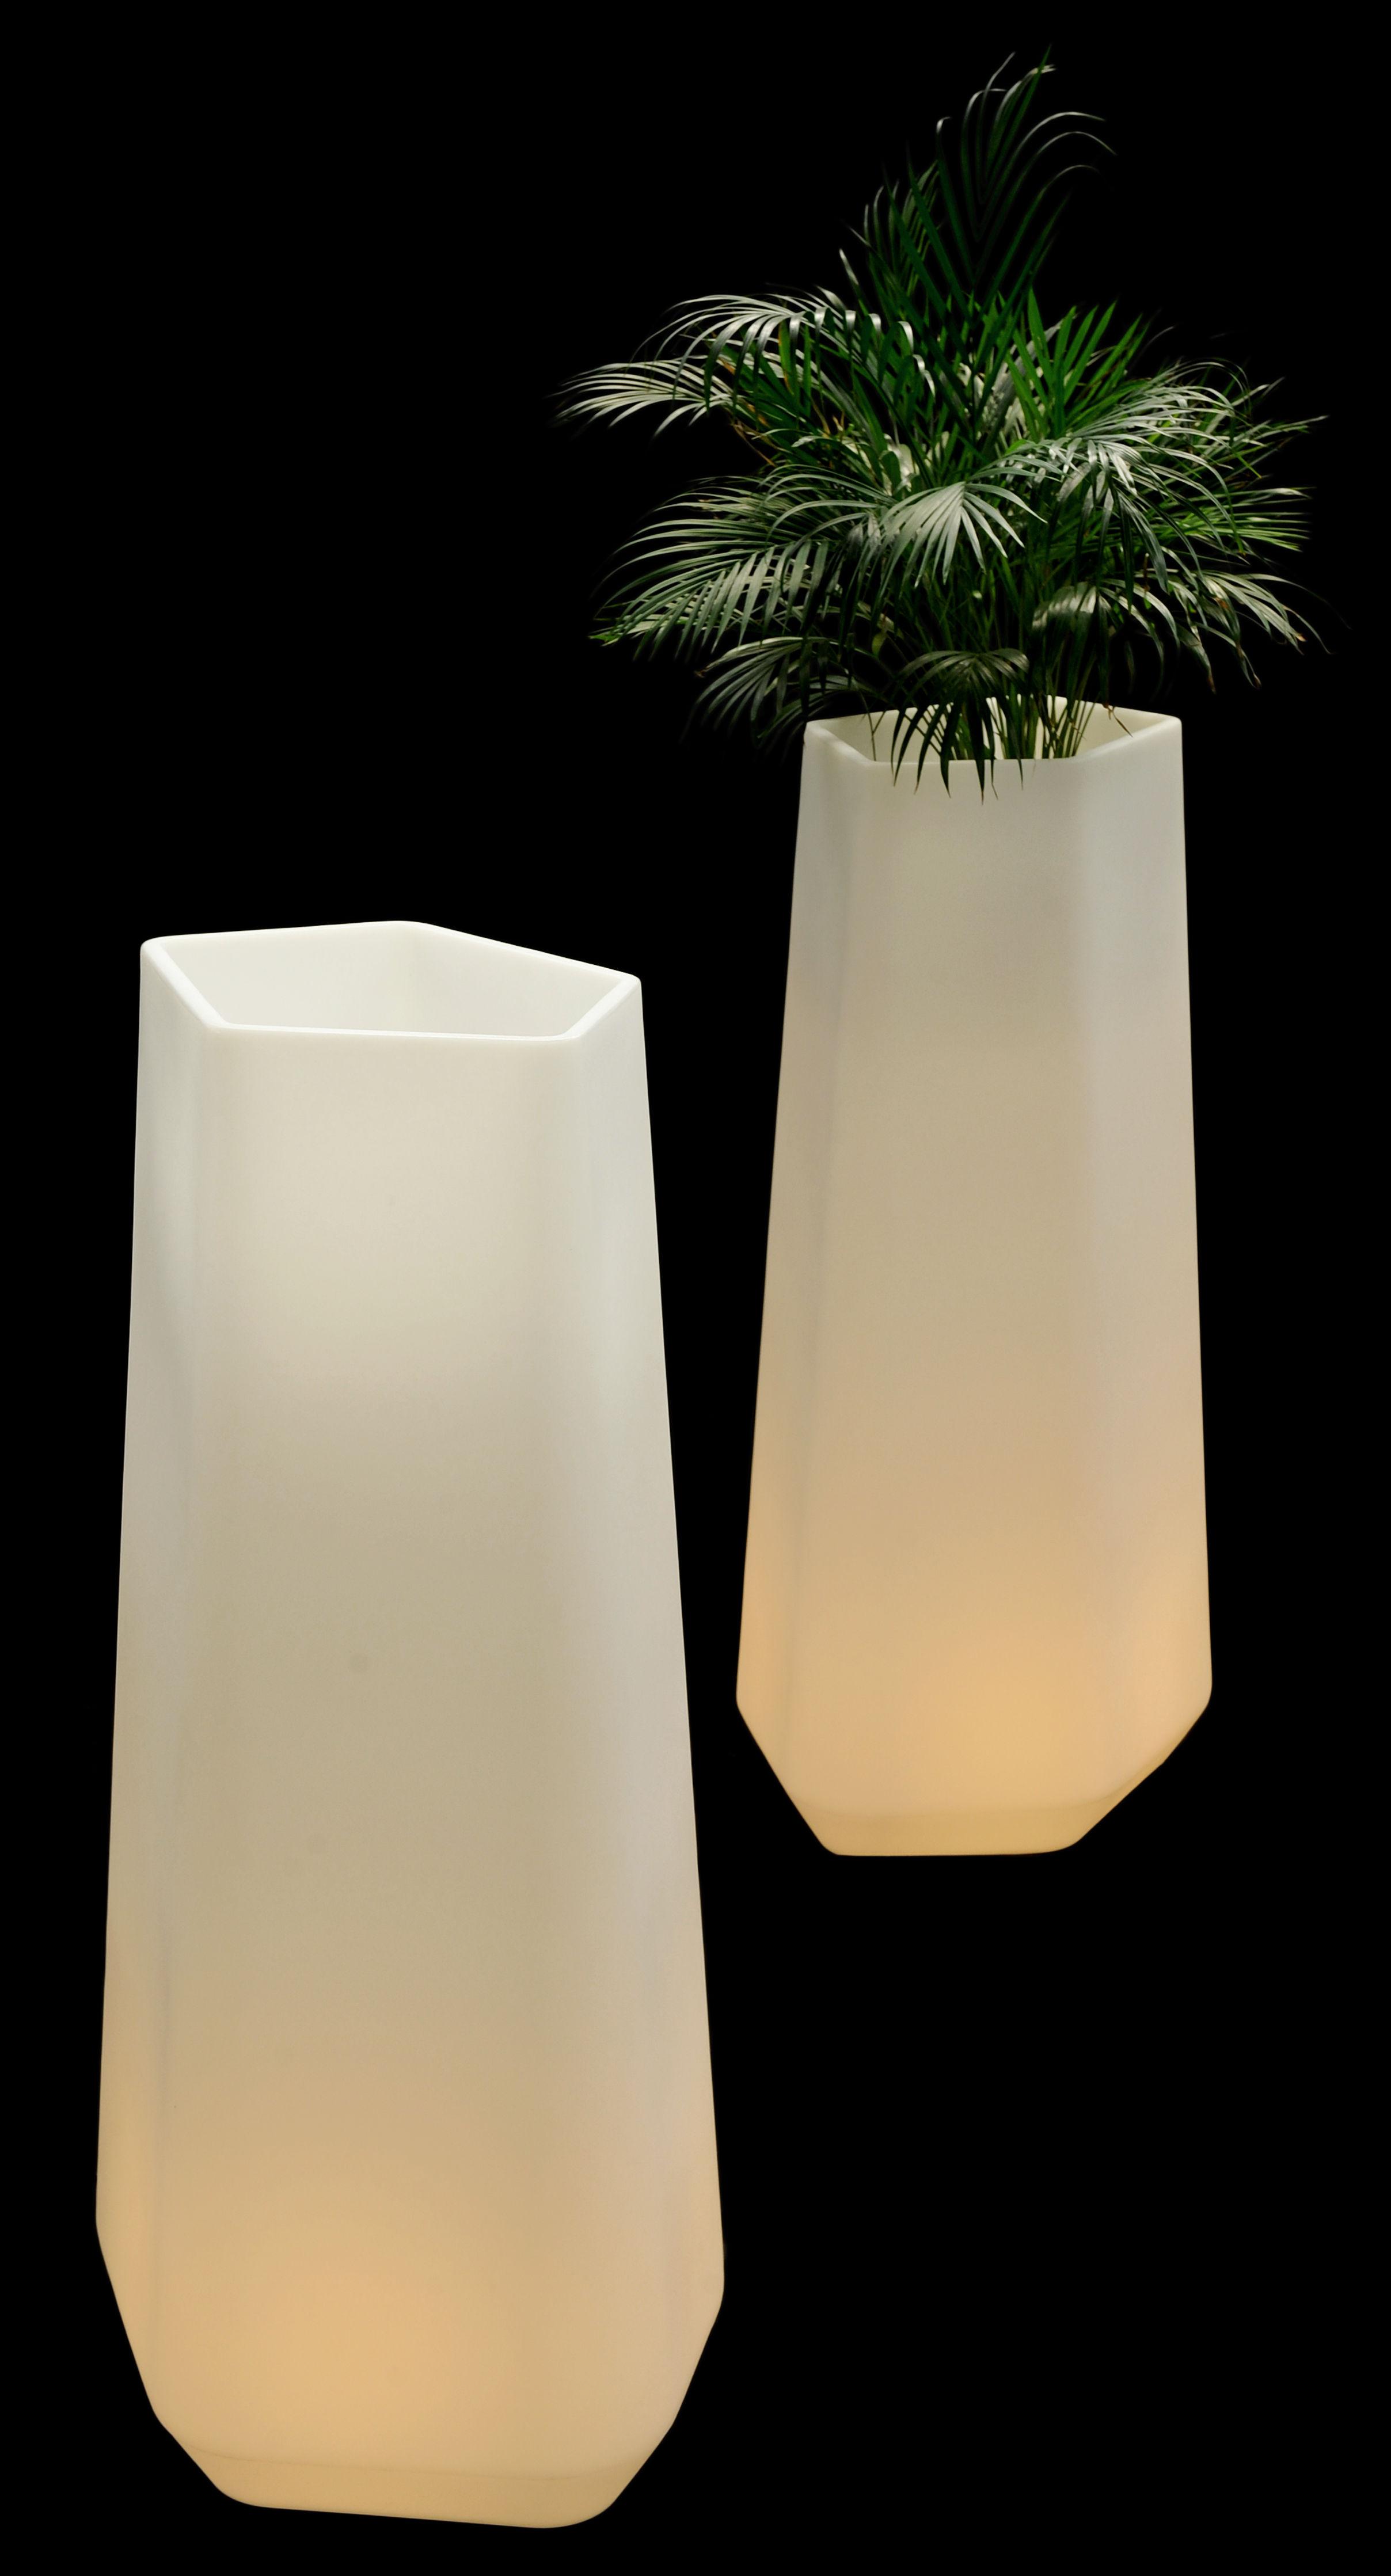 cache pot lumineux rock garden lumineux indoor h 136 cm pour l 39 int rieur translucide qui est. Black Bedroom Furniture Sets. Home Design Ideas